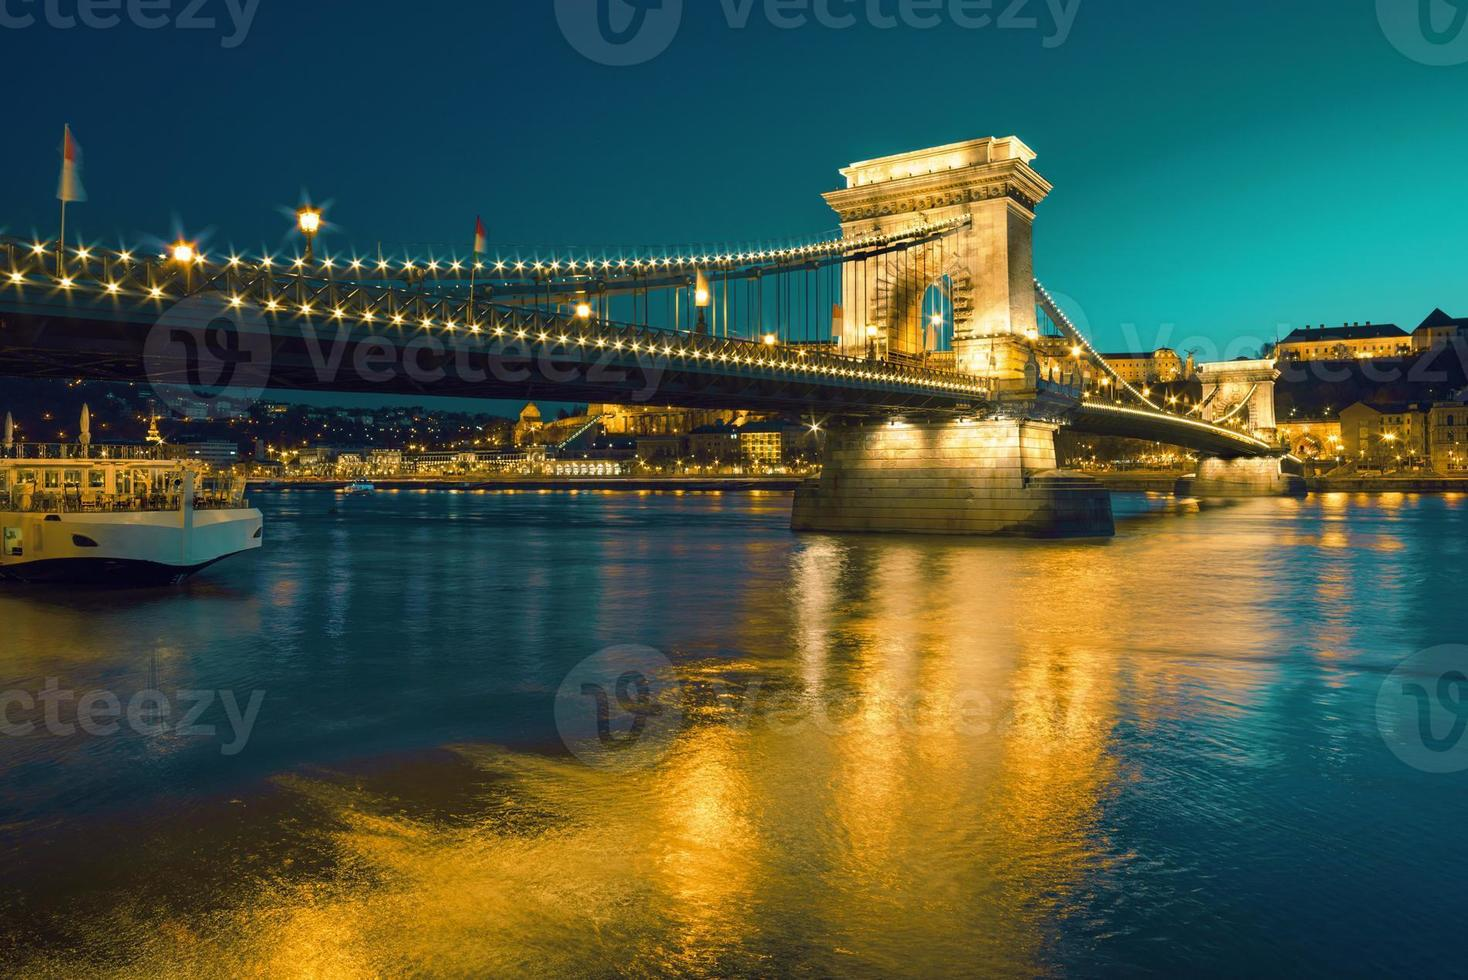 Puente de las cadenas de Czechenyi en Budapest, Hungría, temprano en la tarde foto